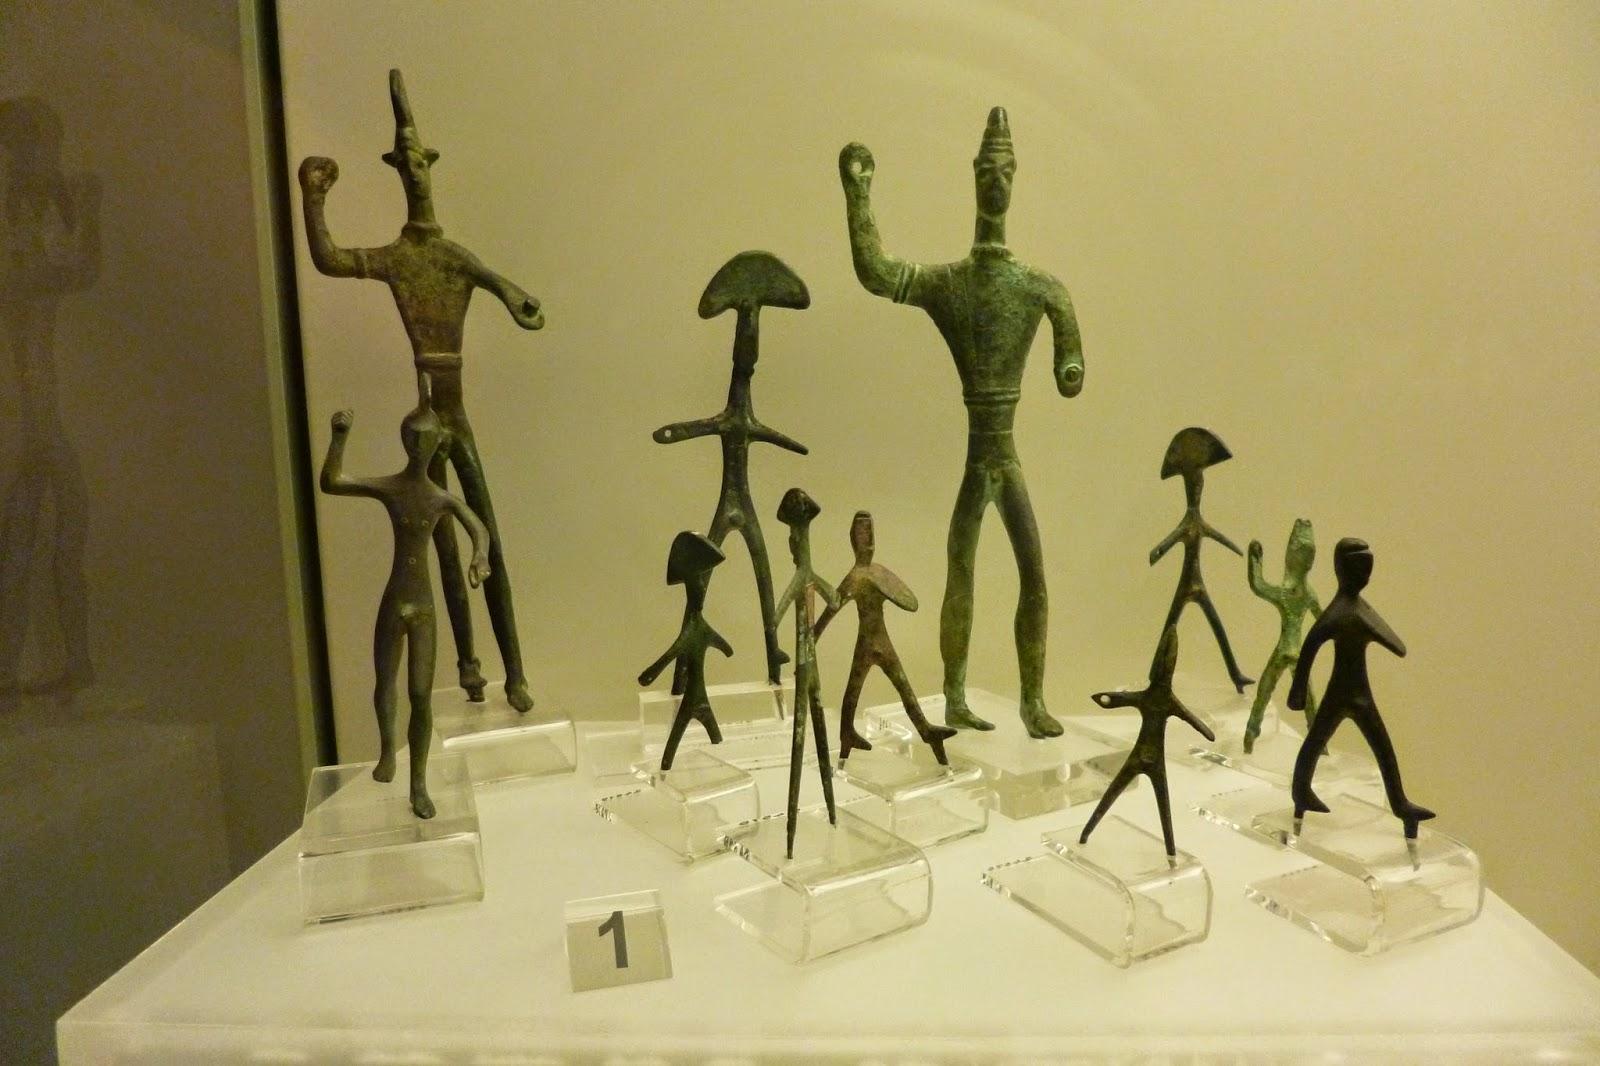 Estatuetas realizadas pelo povo etrusco